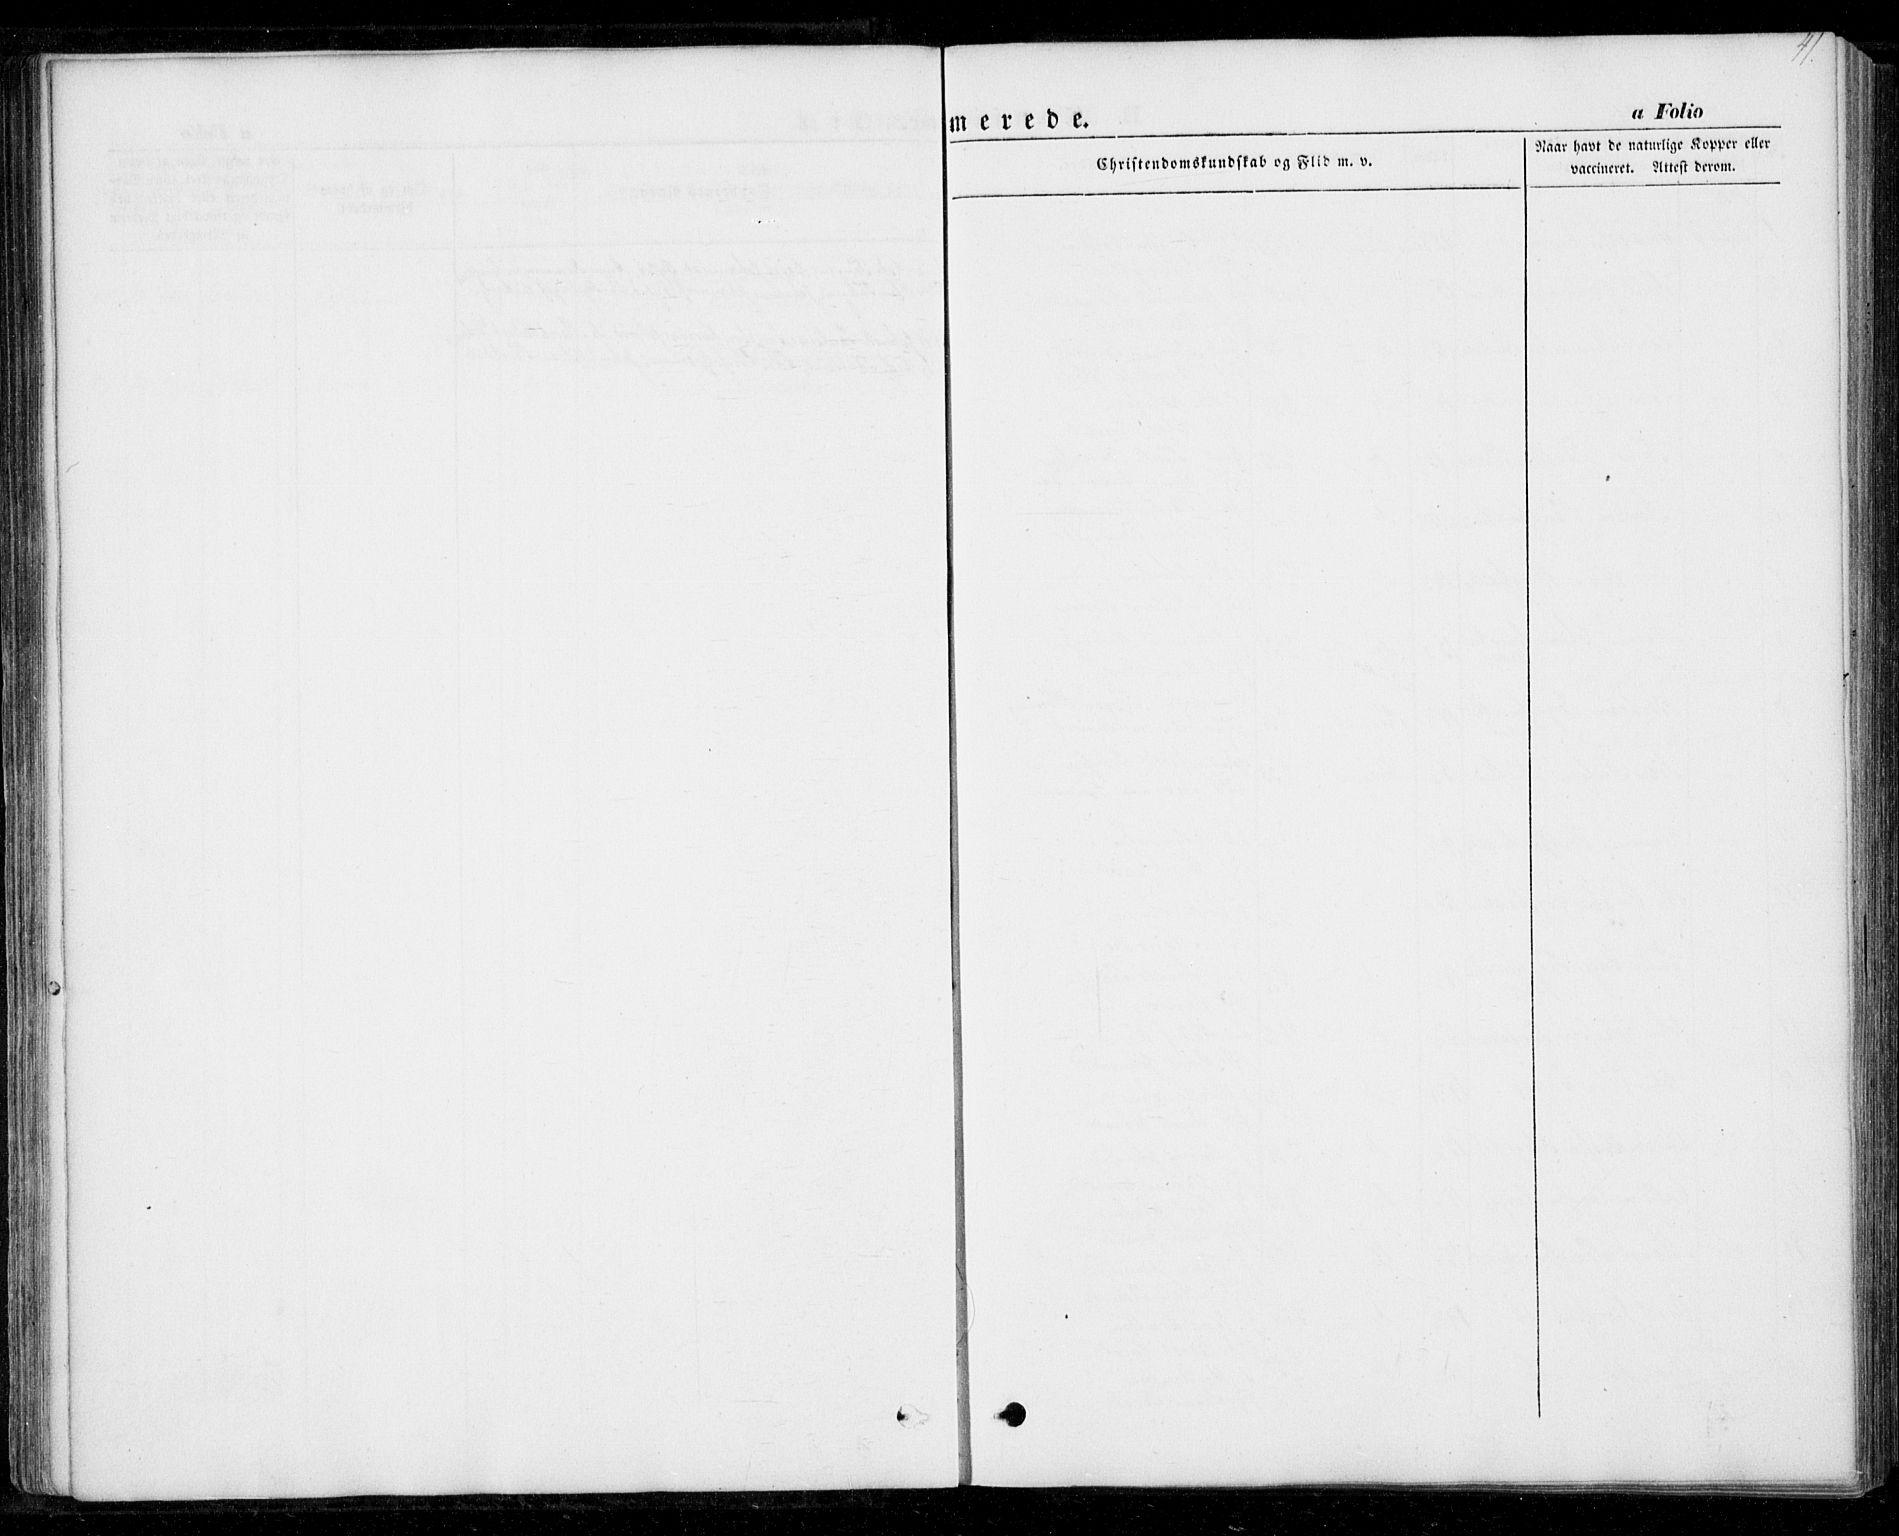 SAT, Ministerialprotokoller, klokkerbøker og fødselsregistre - Nord-Trøndelag, 706/L0040: Parish register (official) no. 706A01, 1850-1861, p. 41